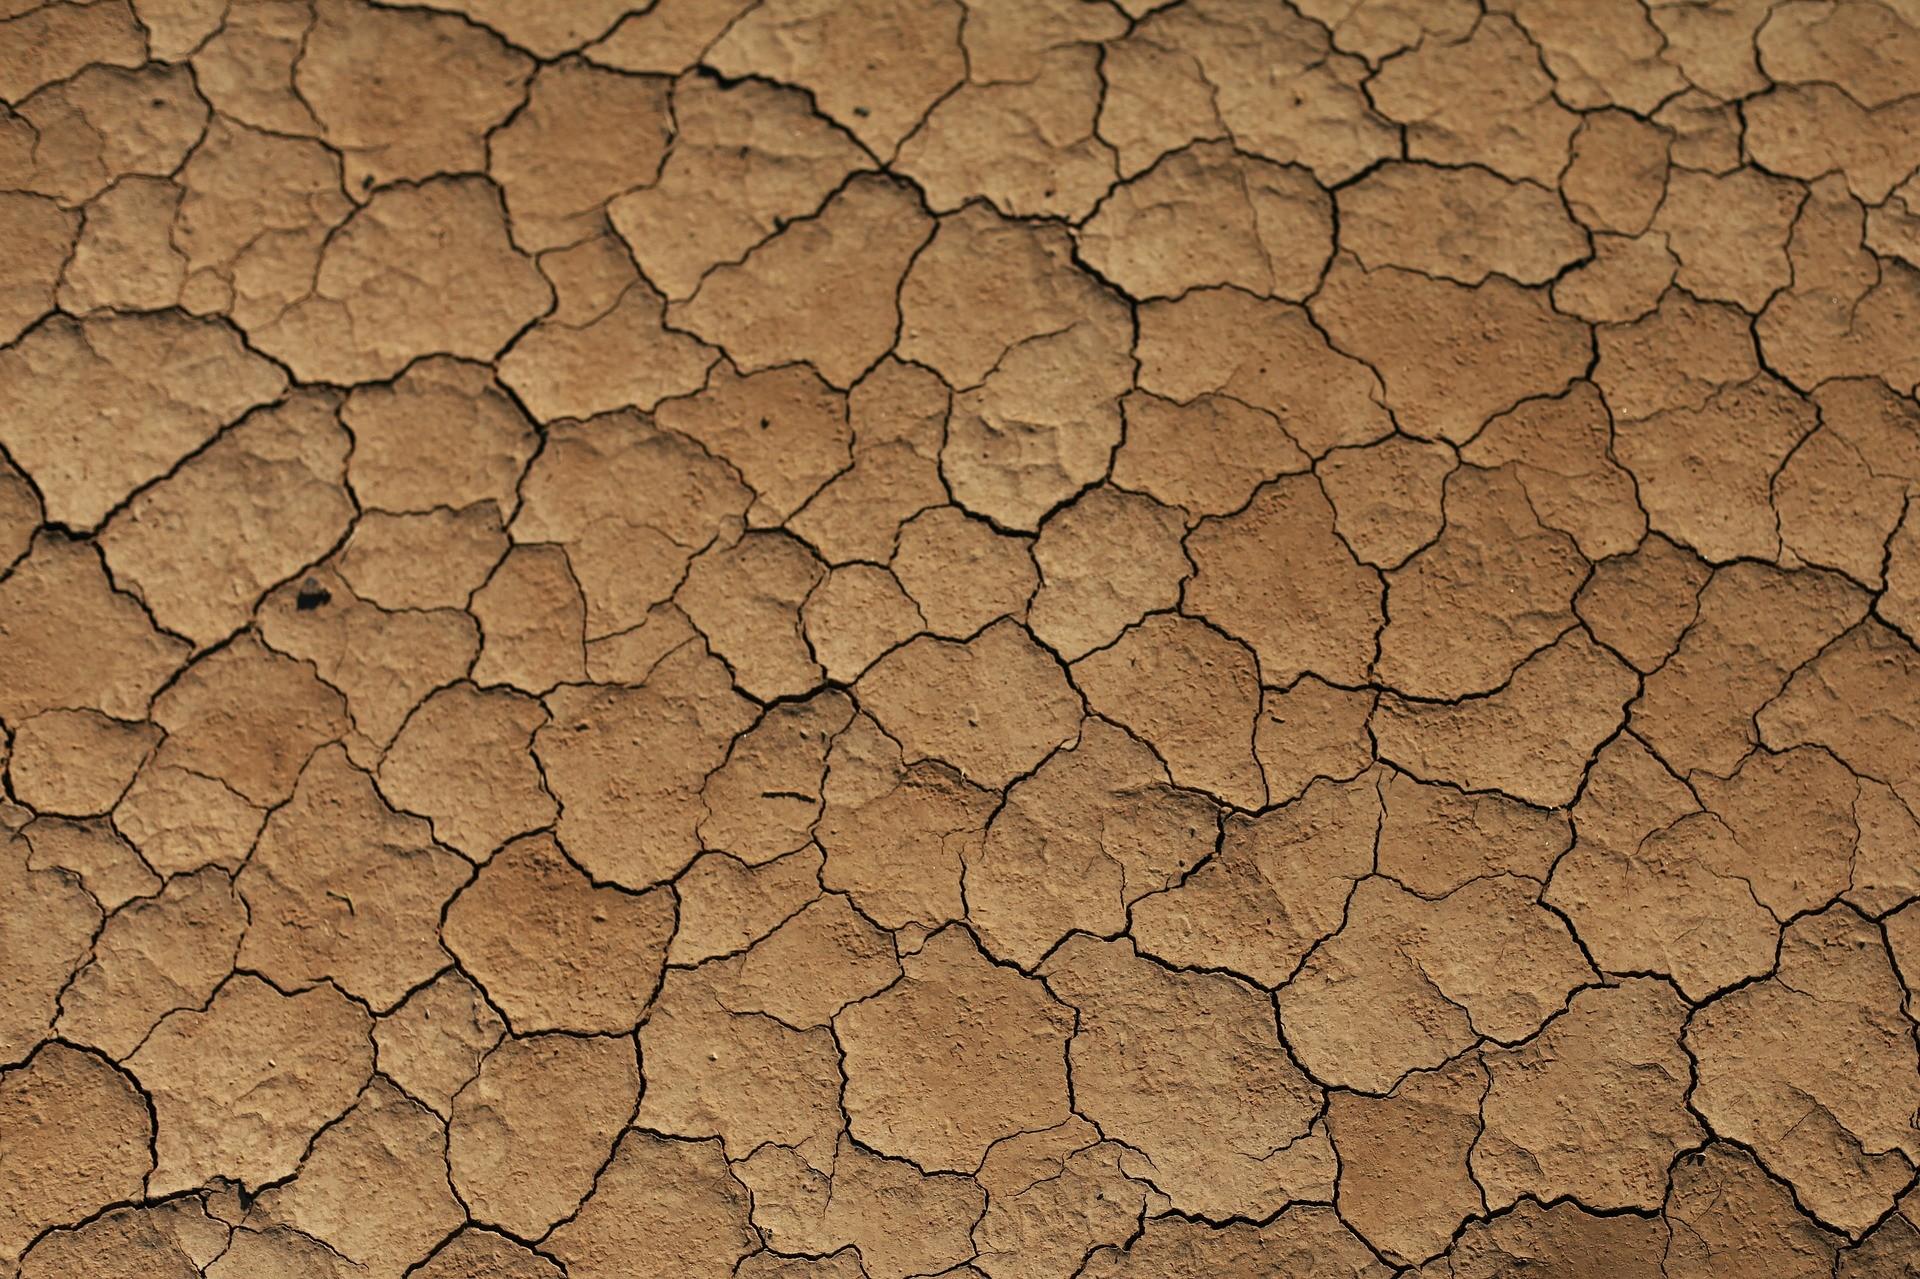 Estado da Bahia vem apresentando aumento no índice de aridez e diminuição de chuvas (Foto: Creative Commons / cinelina)